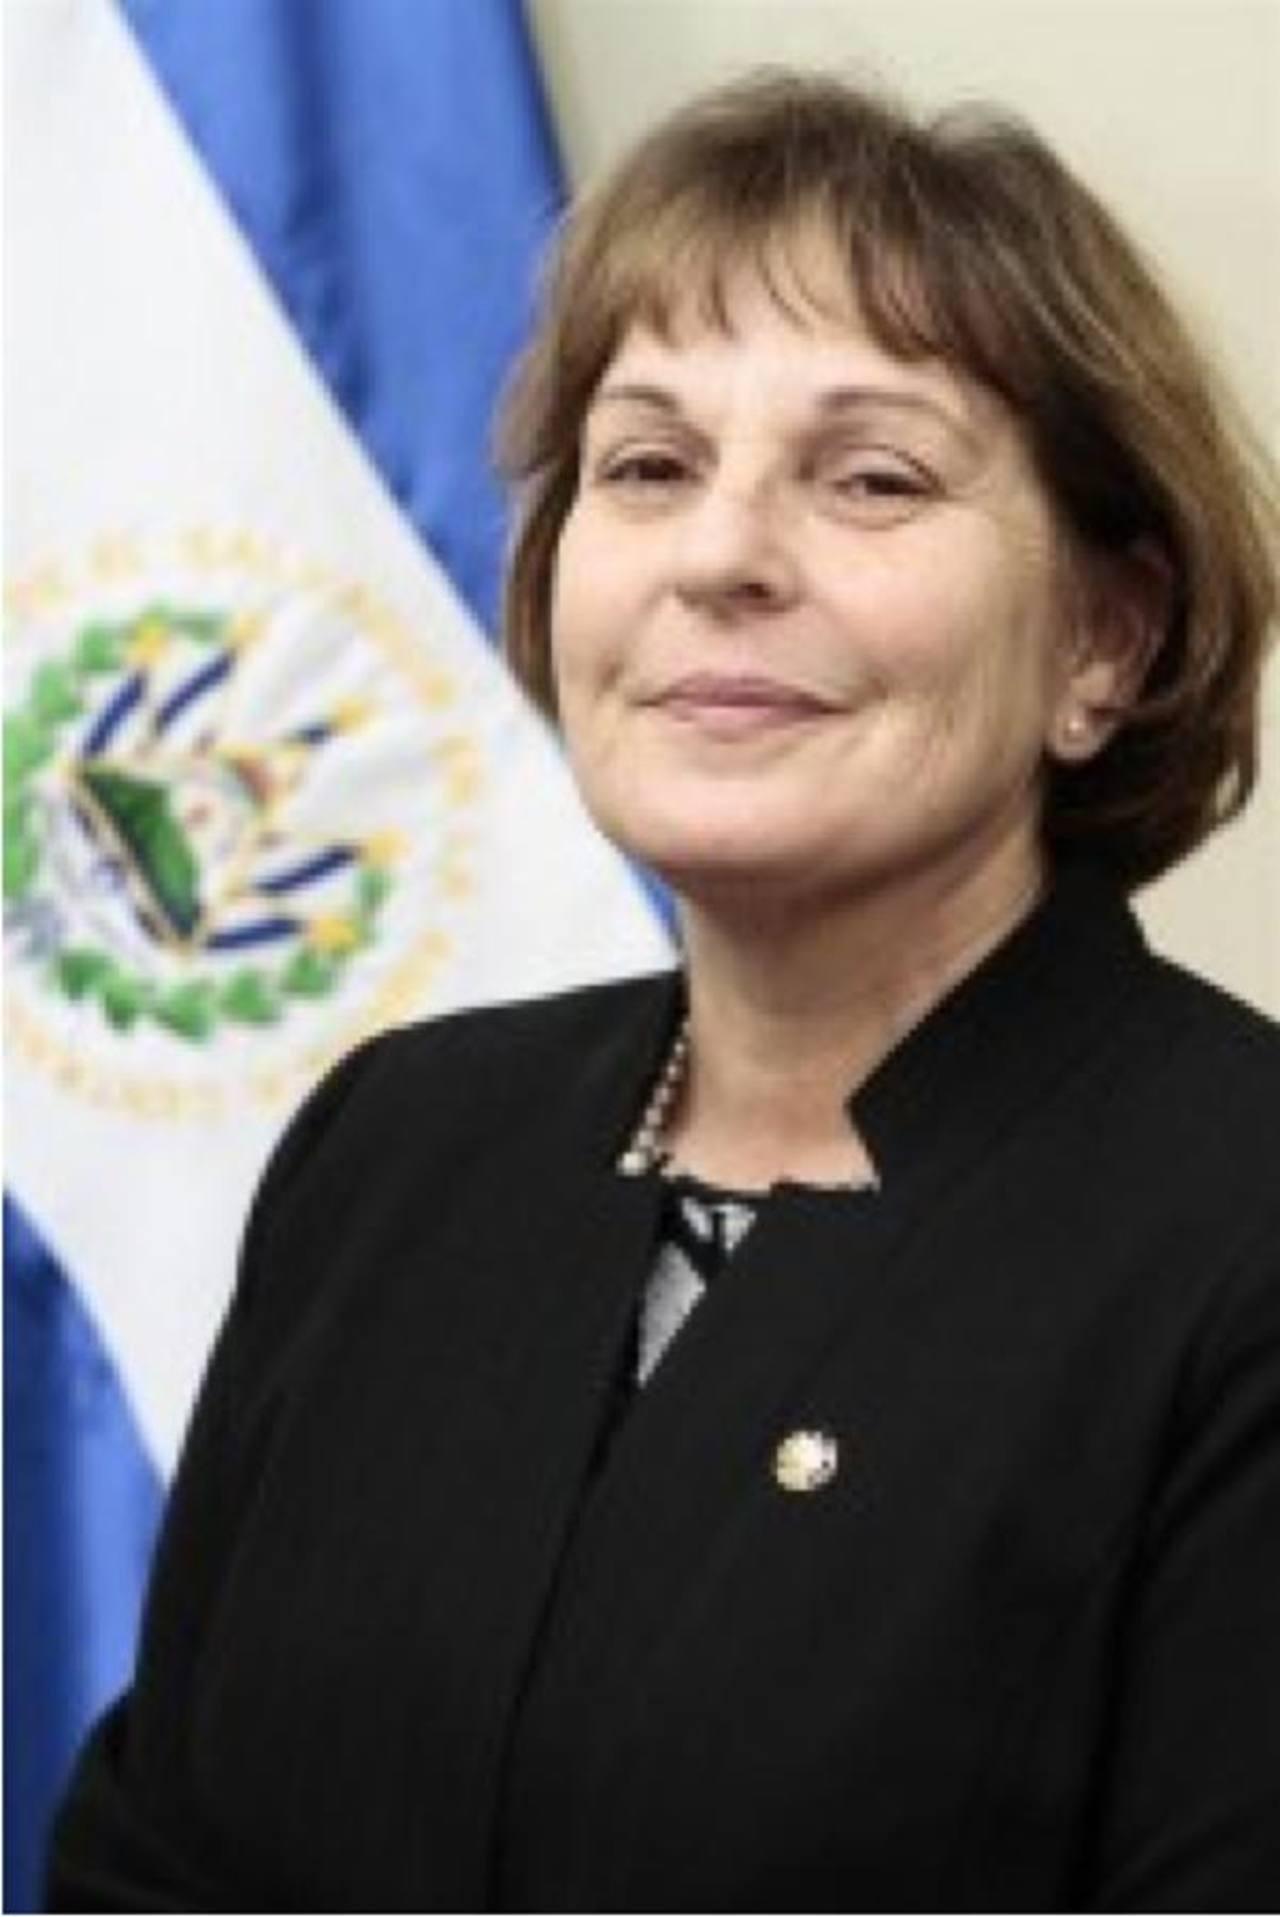 Susana Edith Gun de Hasenson es la embajadora de El Salvador ante Israel. foto edh /Tomada de www.rree.gob.sv